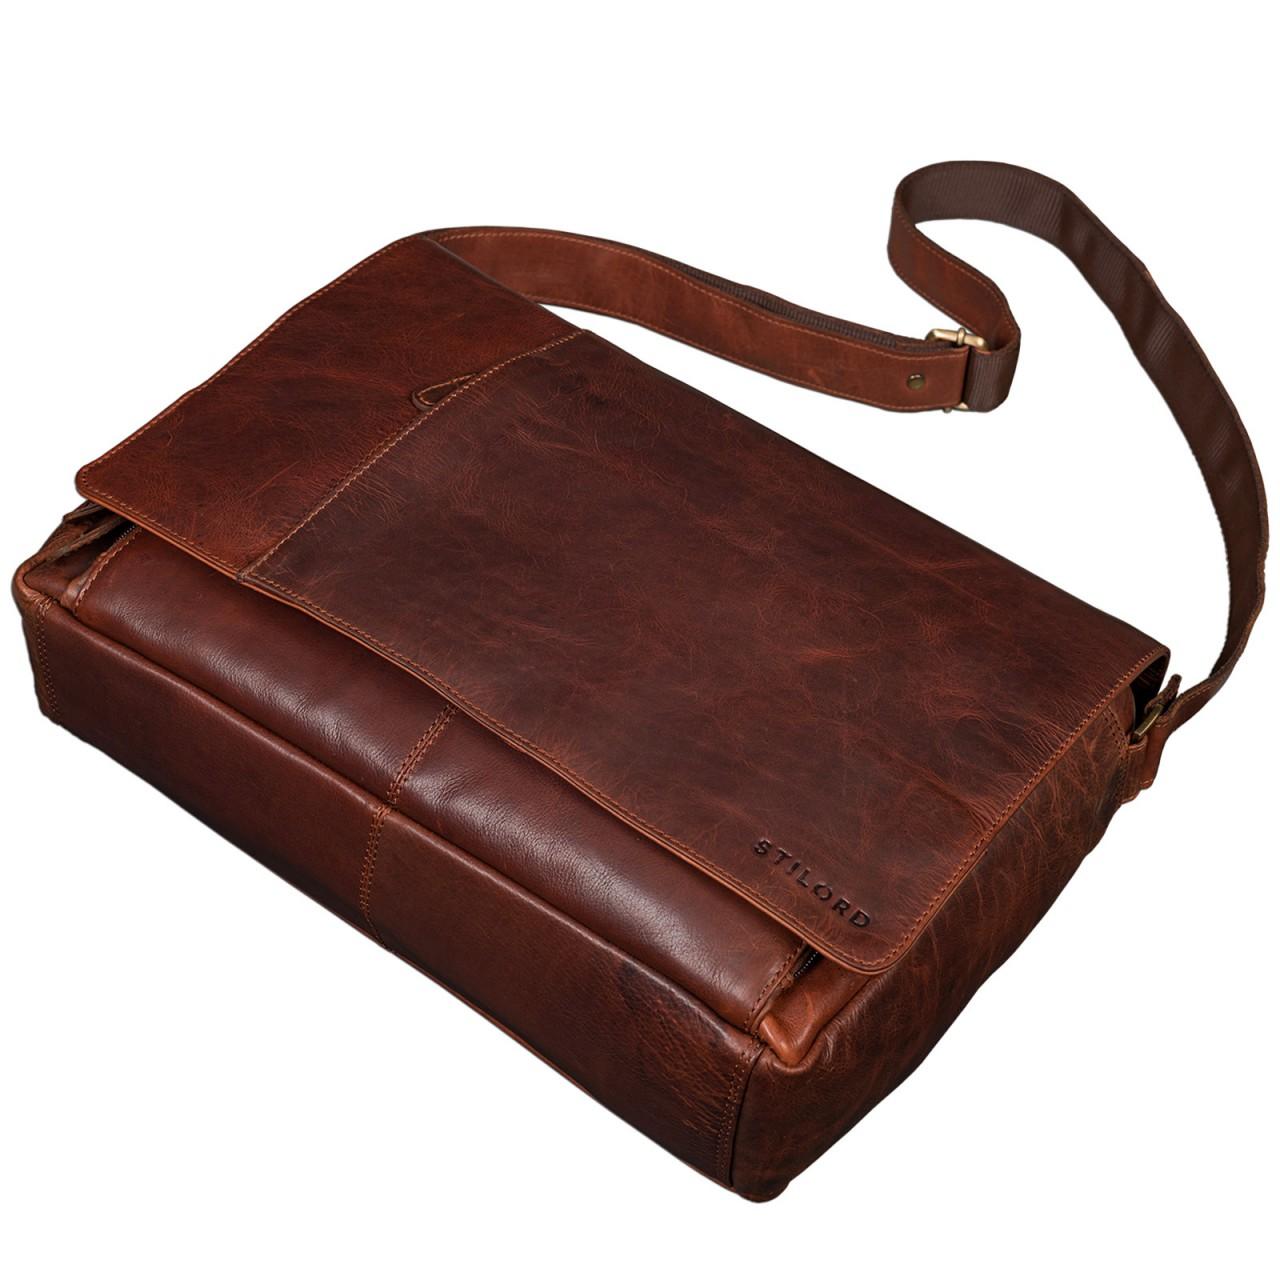 """STILORD B-WARE """"Elias"""" Businesstasche mit Laptopfach 15,6 Zoll Umhängetasche Herren Damen Aktentasche Unitasche Bürotasche Schultertasche Antik Leder braun - Bild 10"""